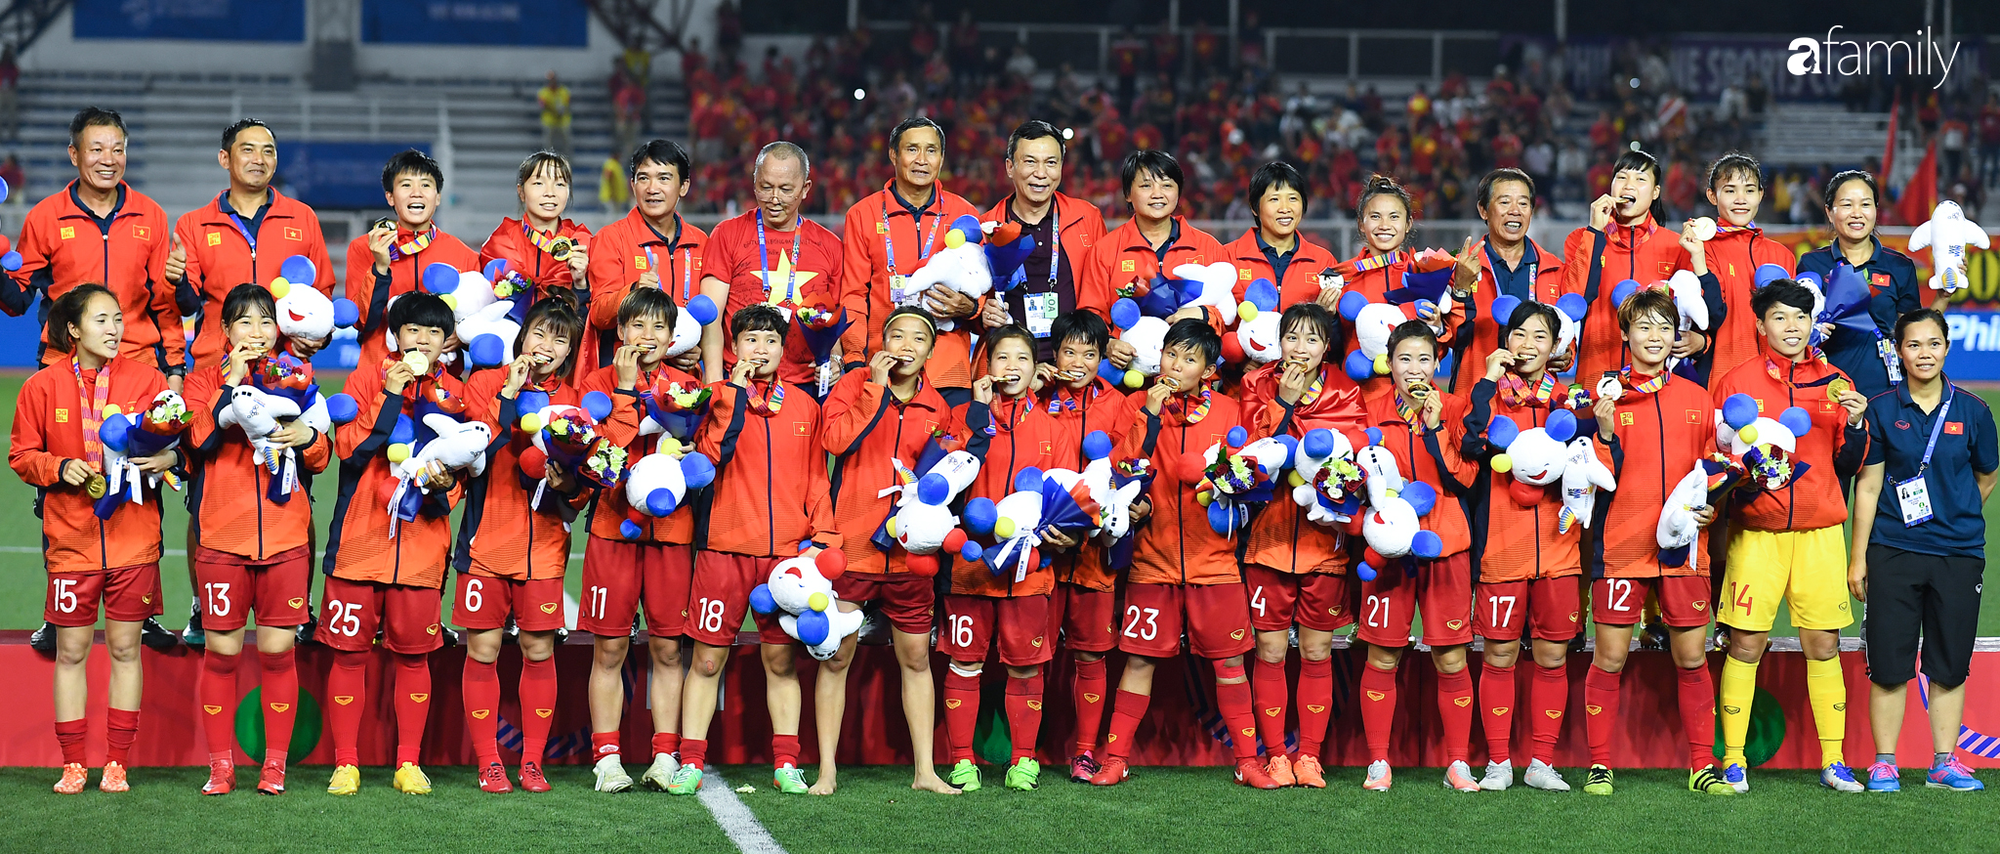 Song hỷ của bóng đá Việt và giấc mơ Vàng 60 năm trở thành sự thật: Không có Lọ Lem hay Thánh Gióng, chỉ có mồ hôi, nước mắt và sự tận hiến - Ảnh 7.